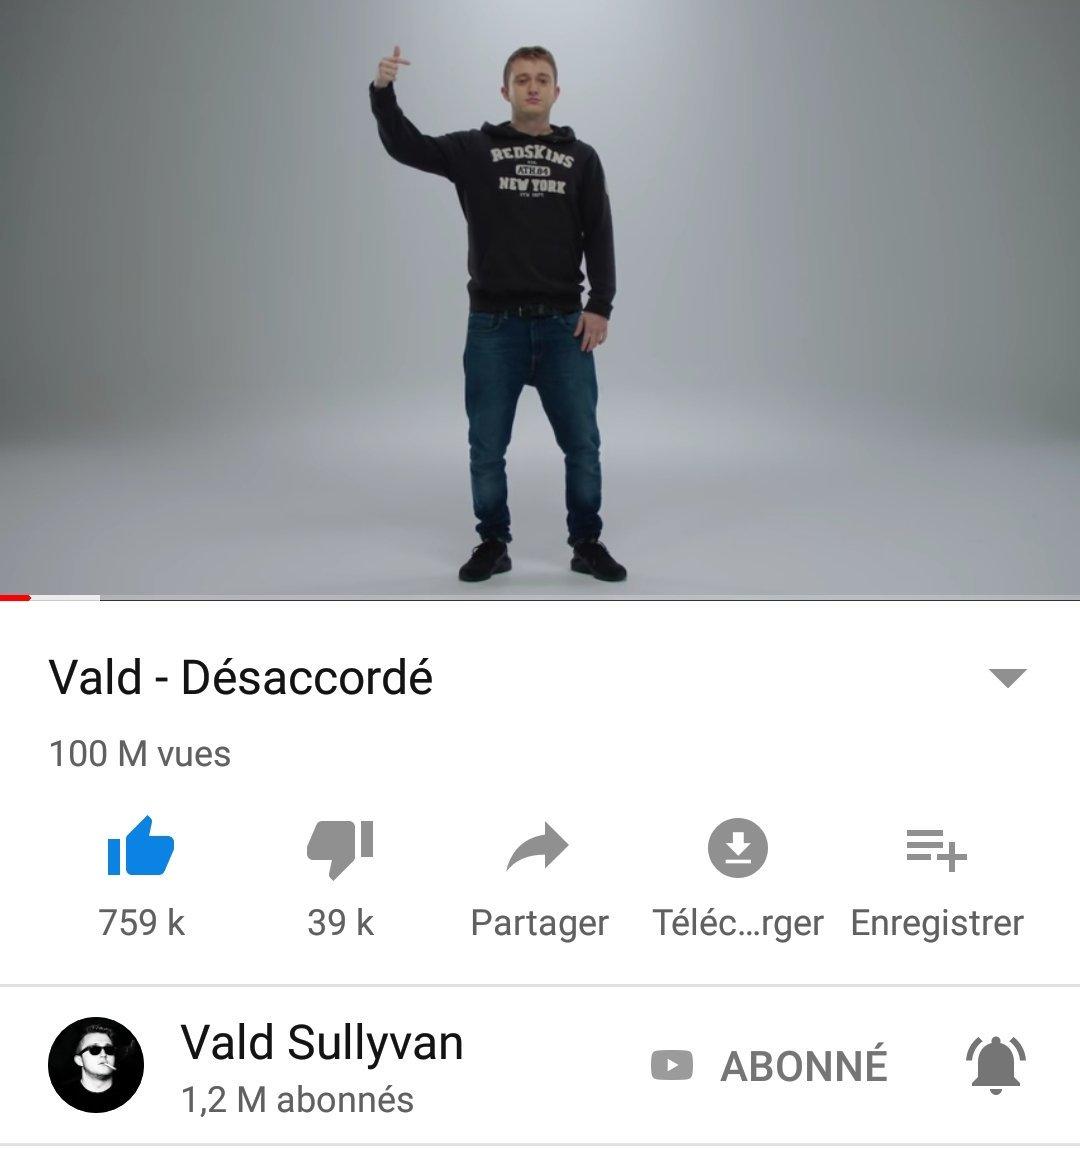 GRATUITEMENT VALD DESACCORDE TÉLÉCHARGER